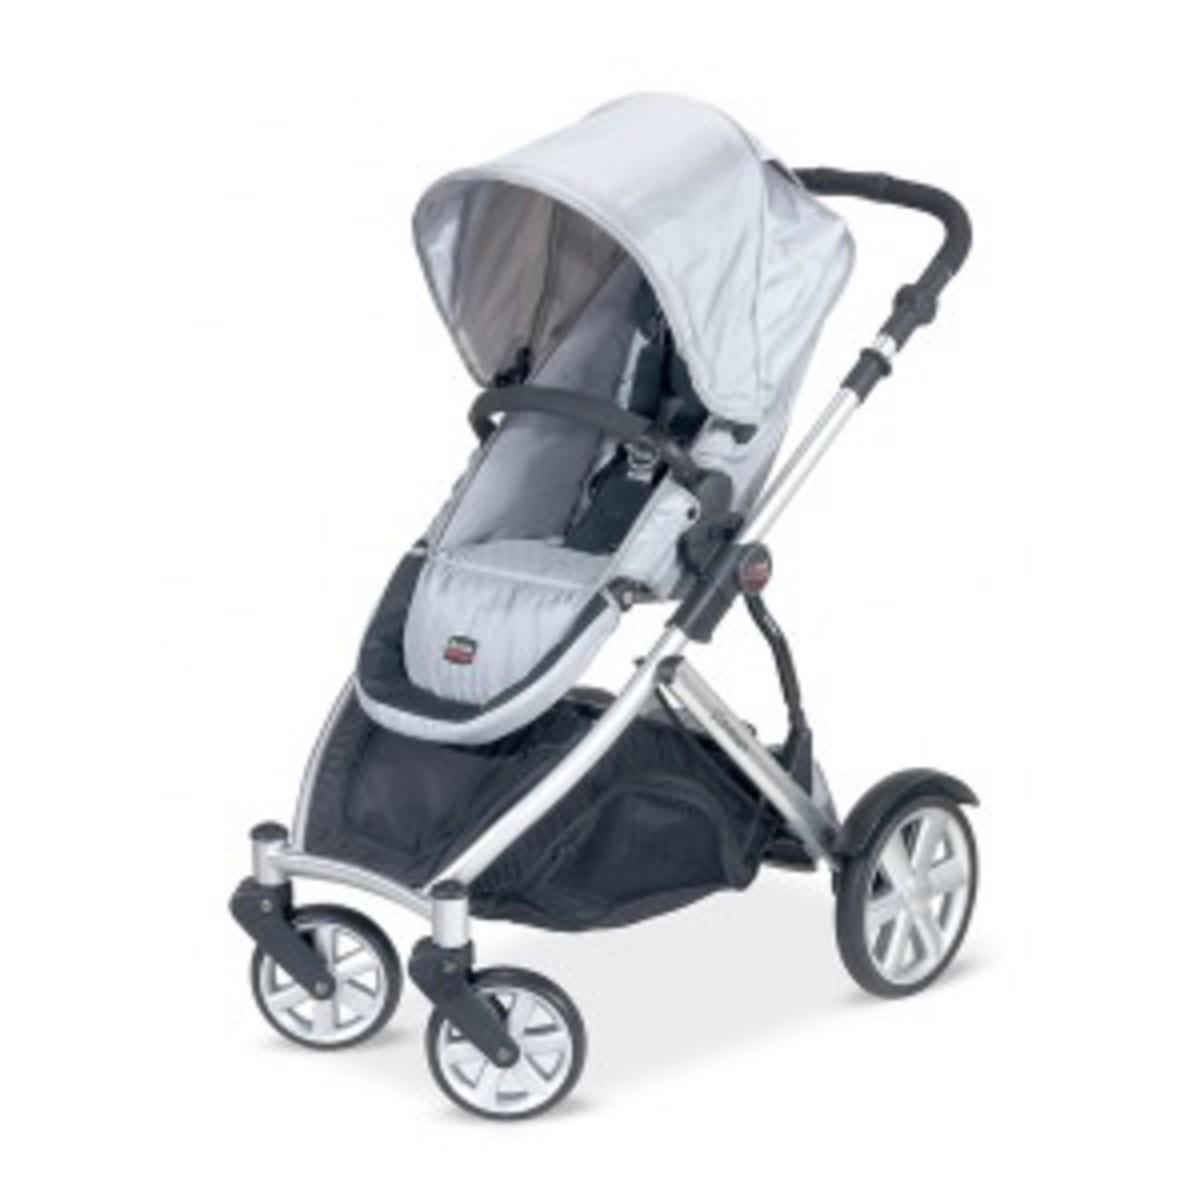 britax-b-ready-stroller-silver